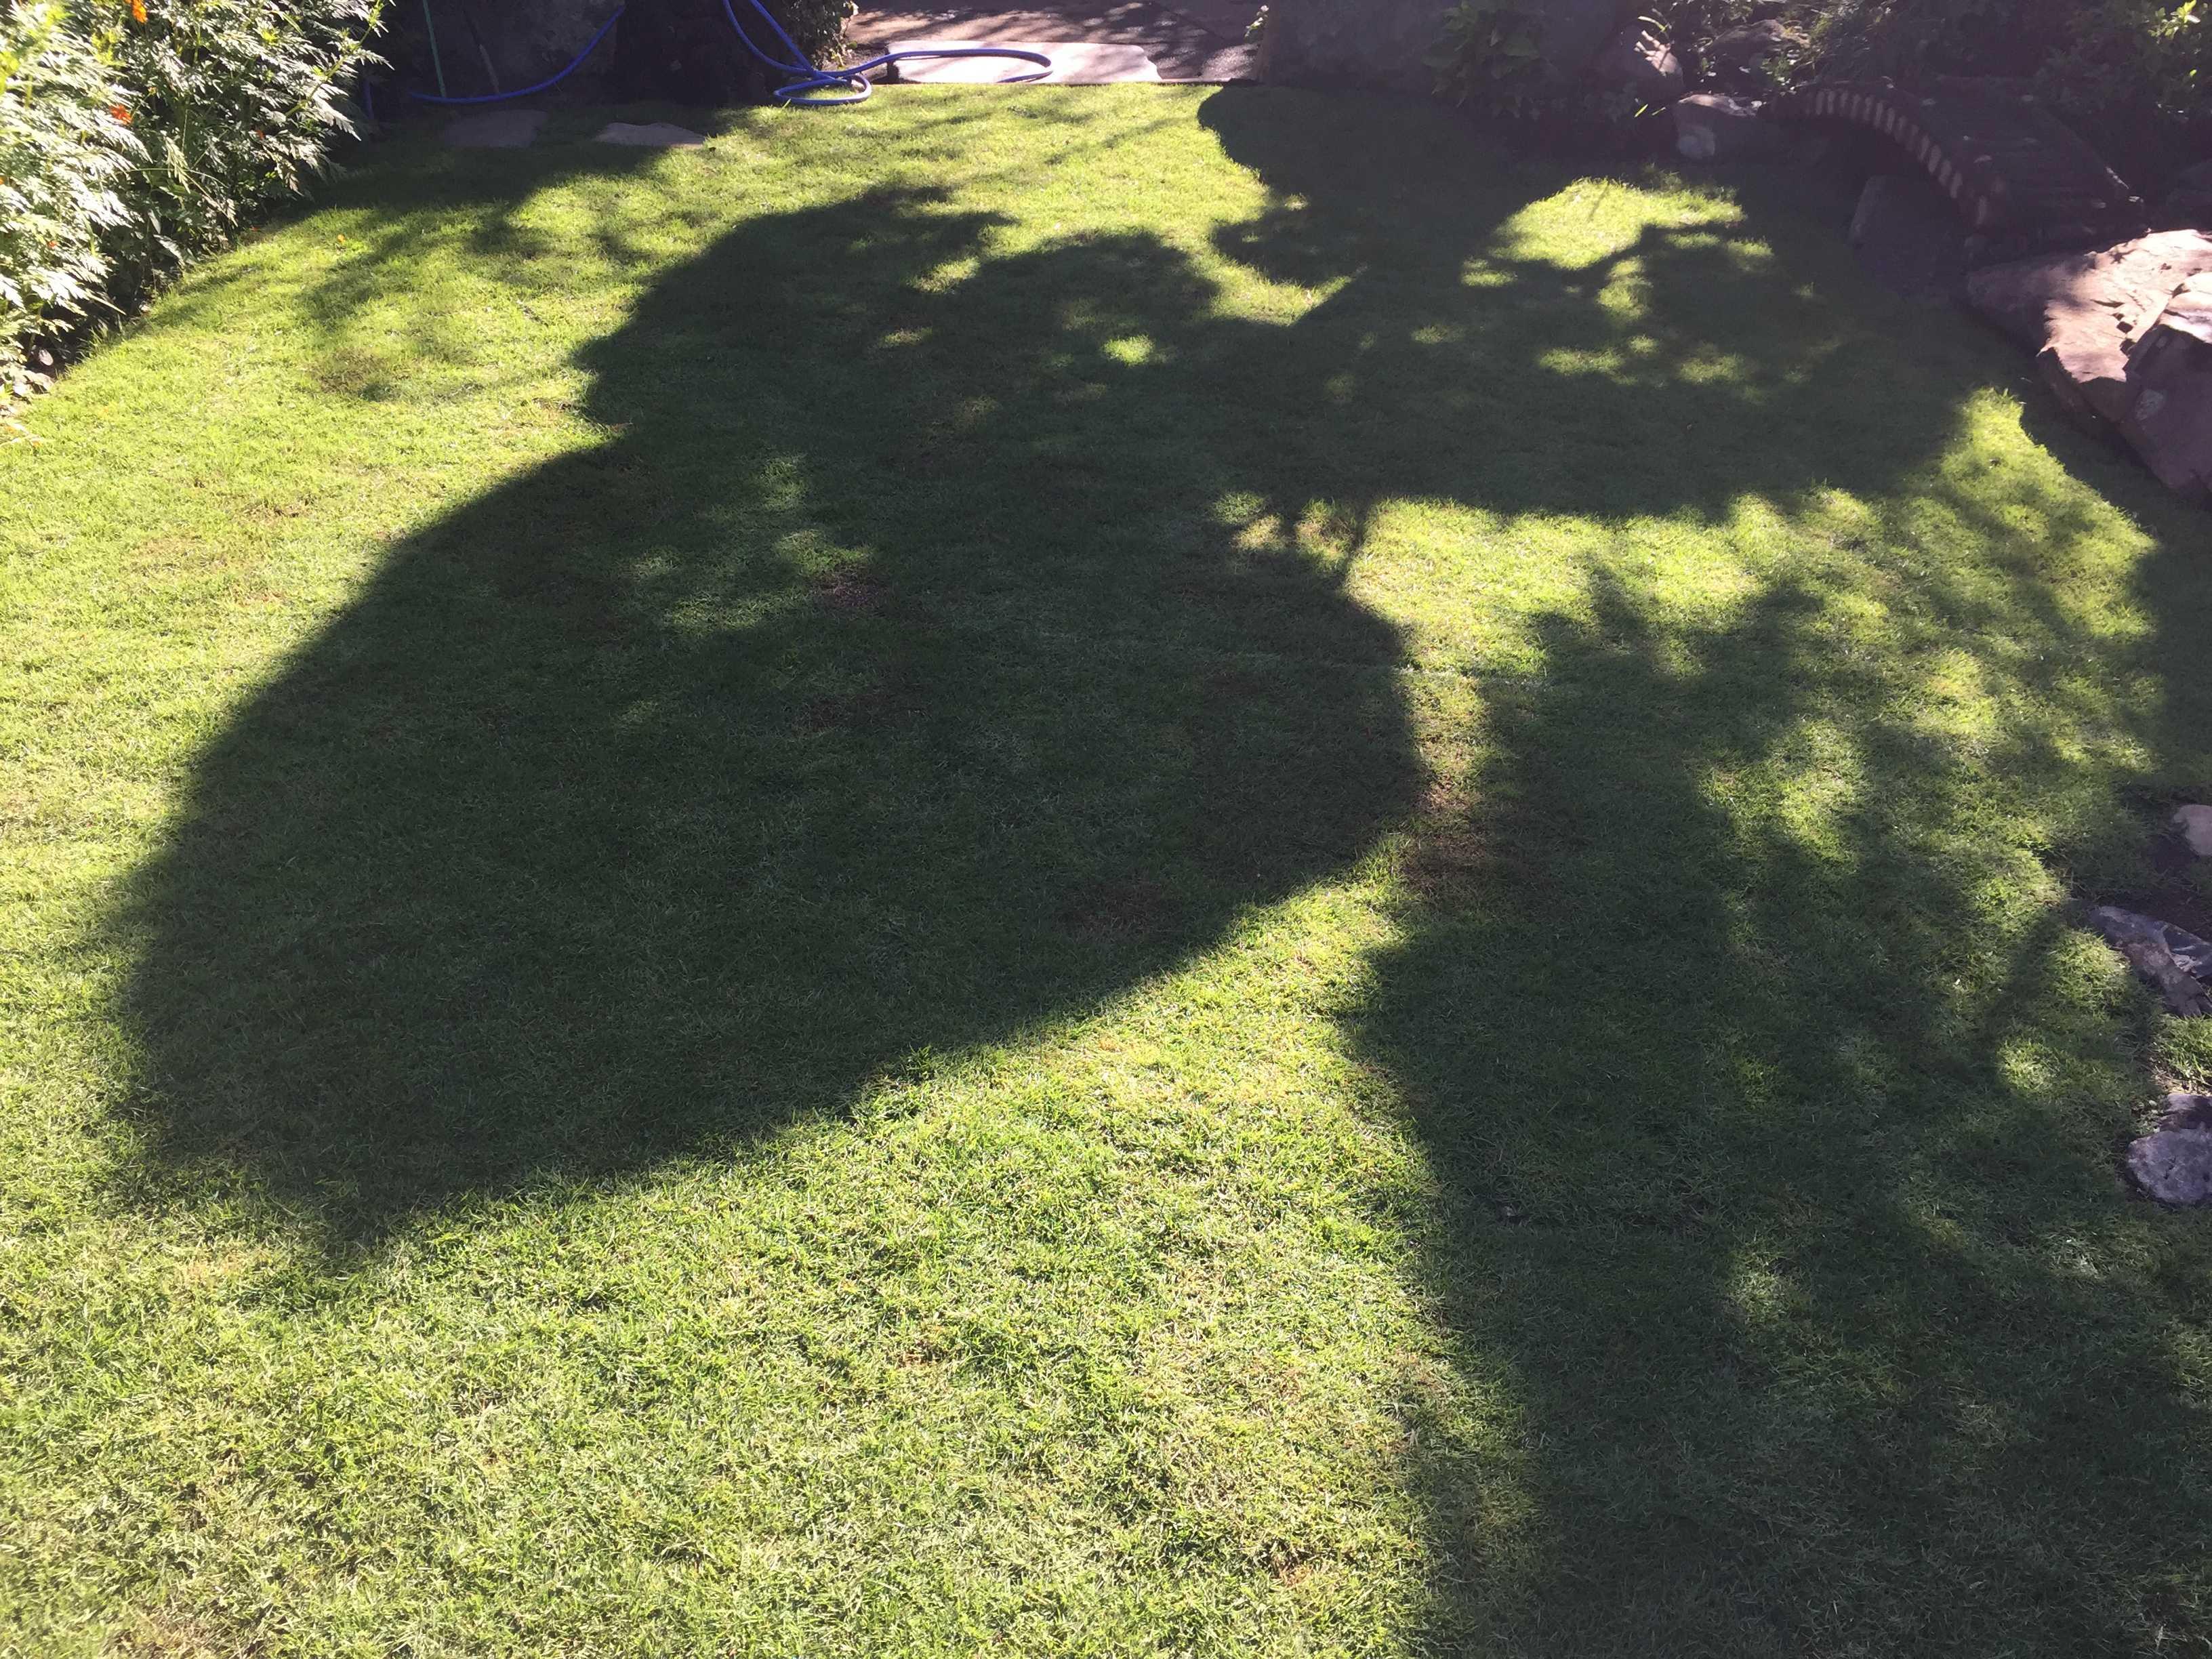 芝生の光と影のコントラスト